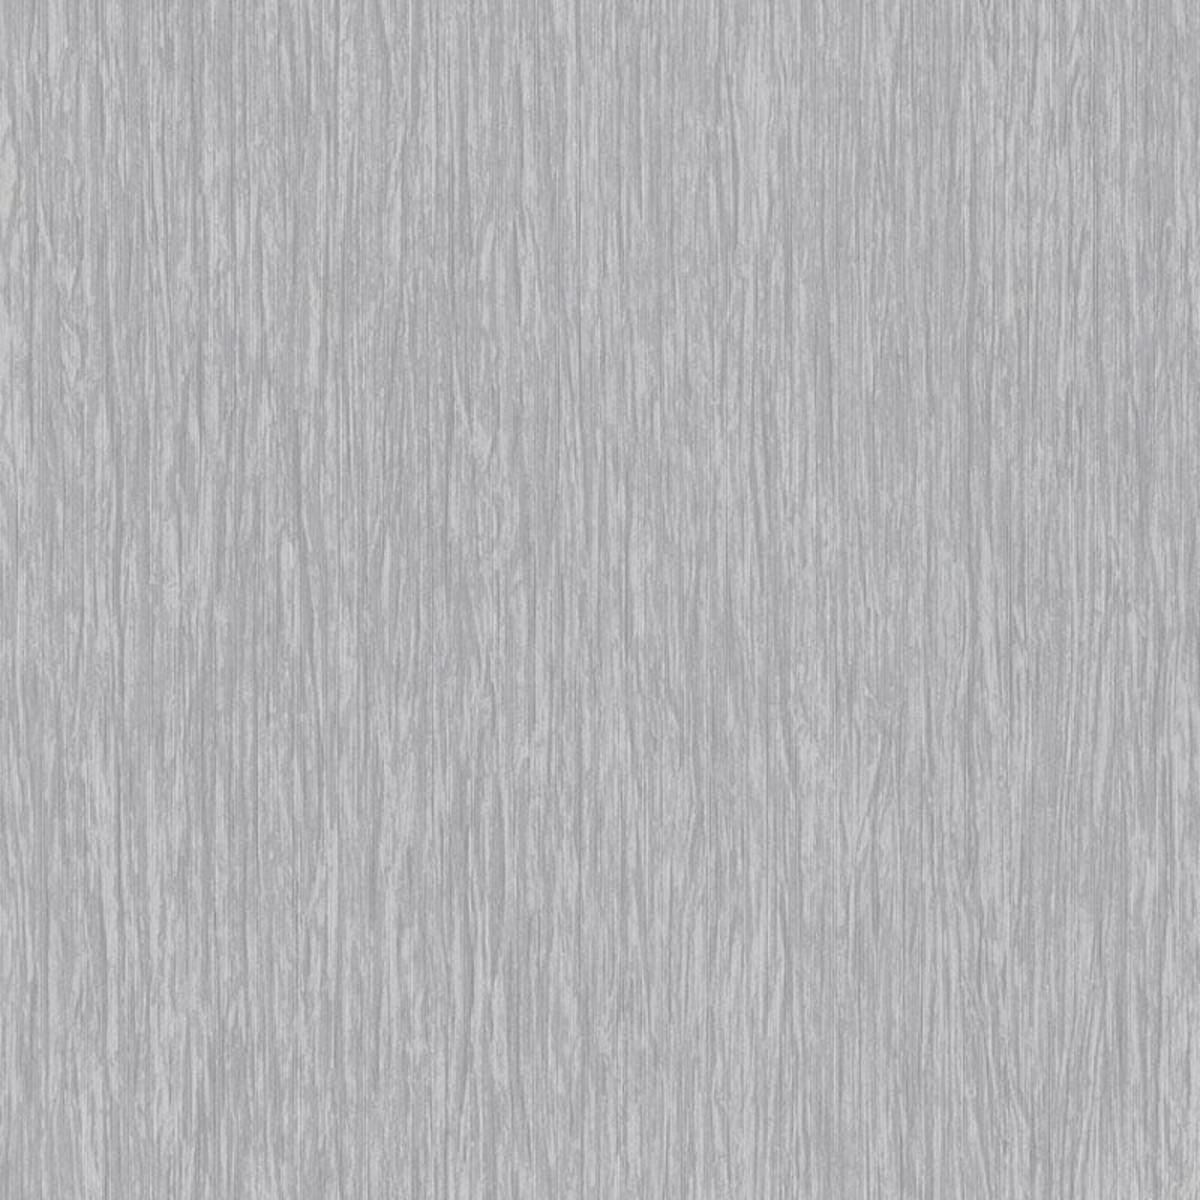 Обои флизелиновые Rasch Deco Chic 2015 серые 0.53 м 728811